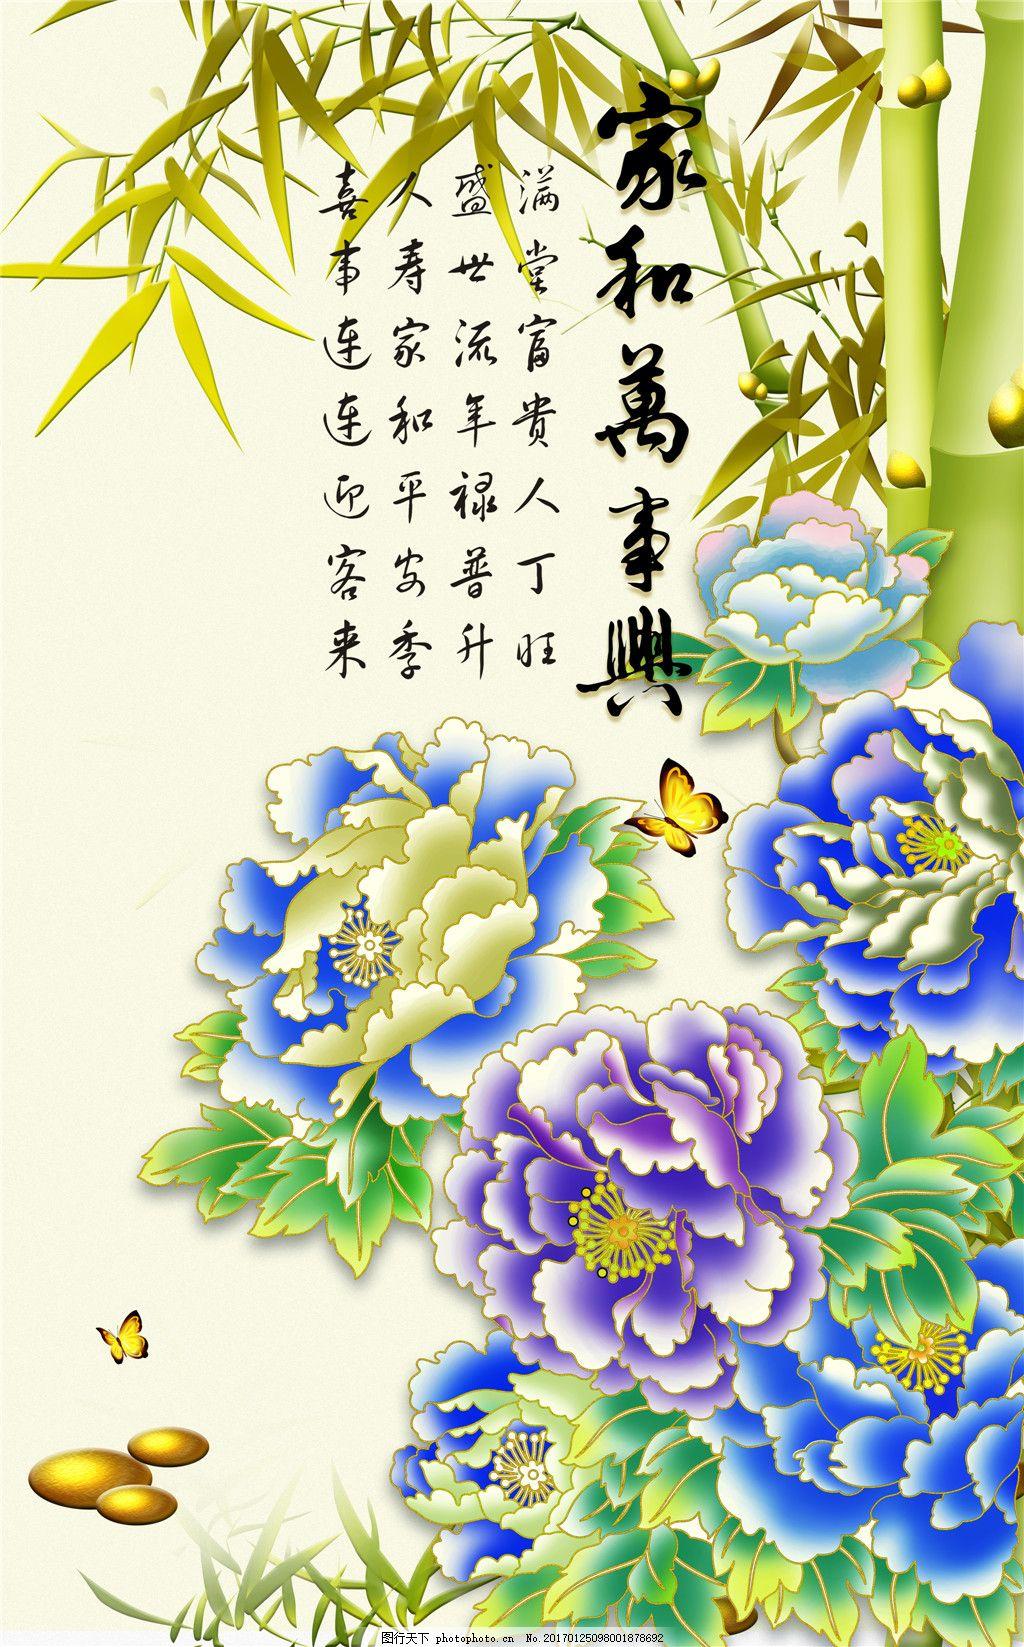 家和万事兴竹子牡丹玄关